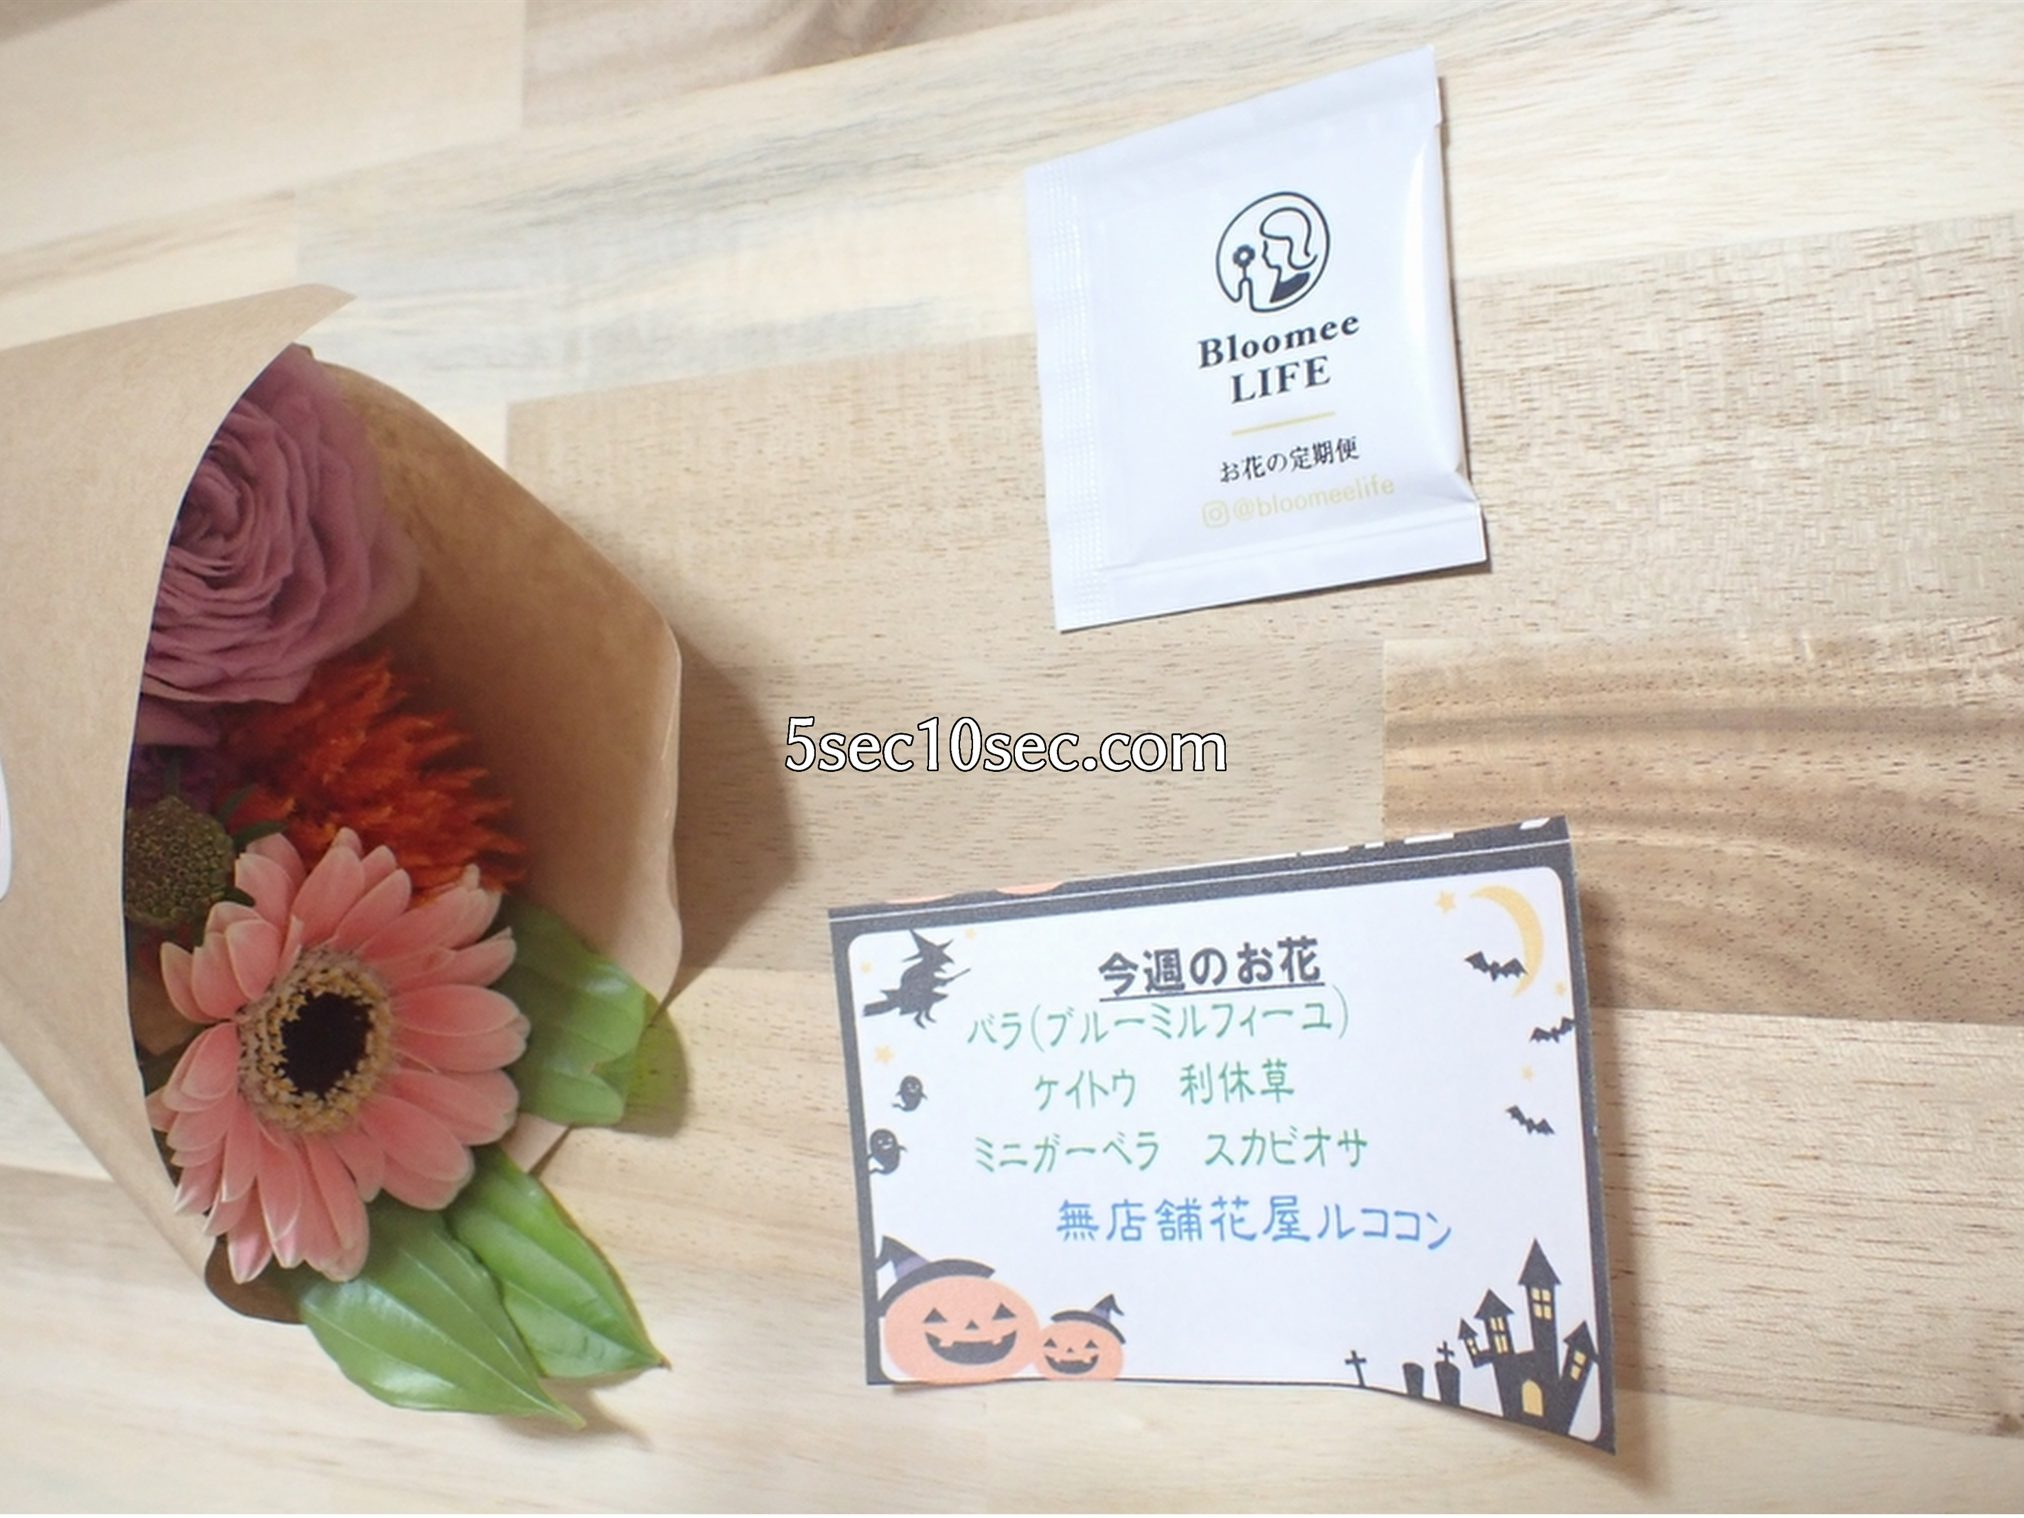 株式会社Crunch Style お花の定期便 Bloomee LIFE ブルーミーライフ レギュラープラン 届いたものの全て、届いたお花の名前